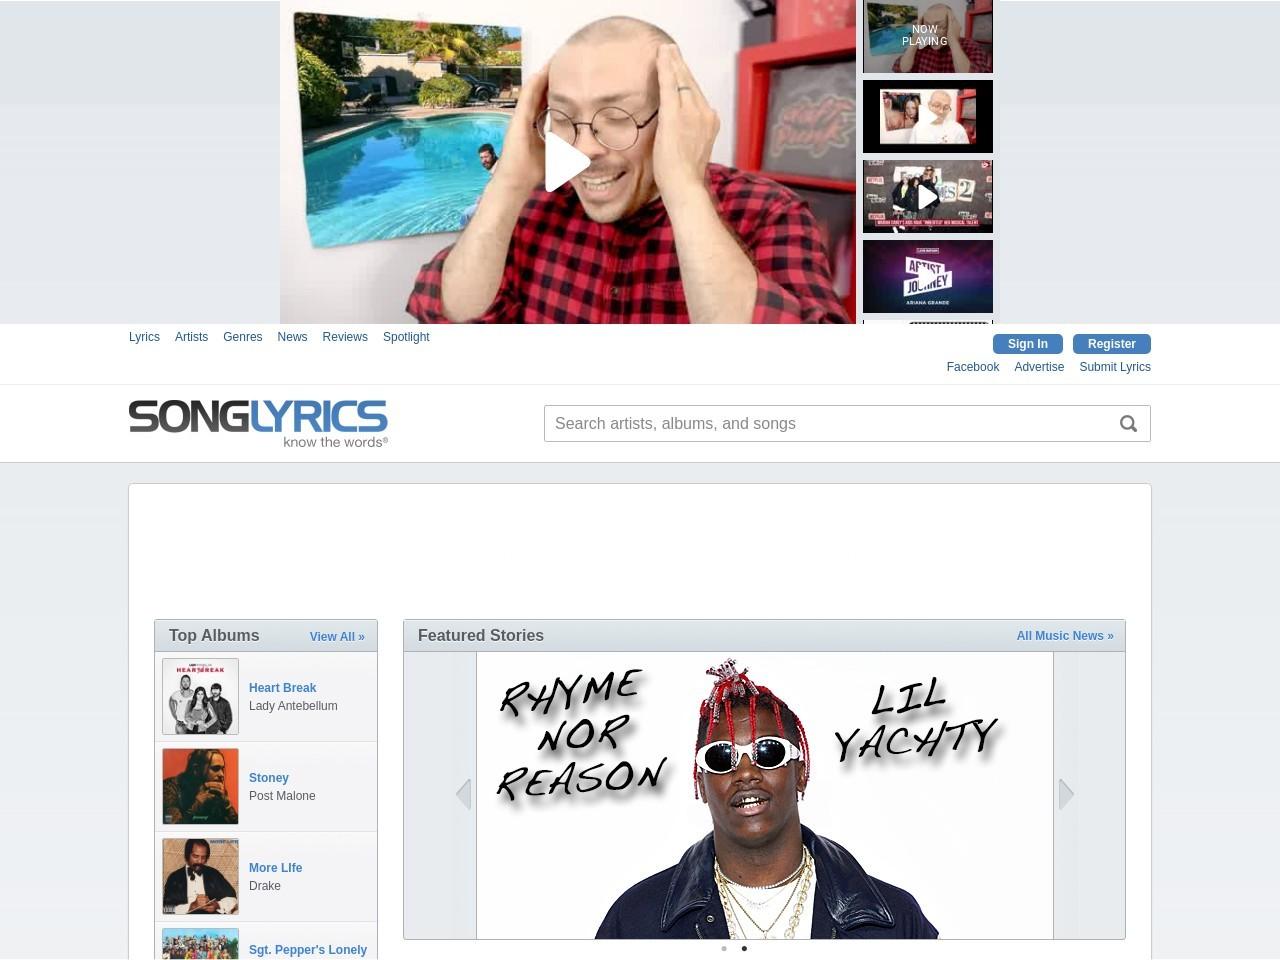 songlyrics.com